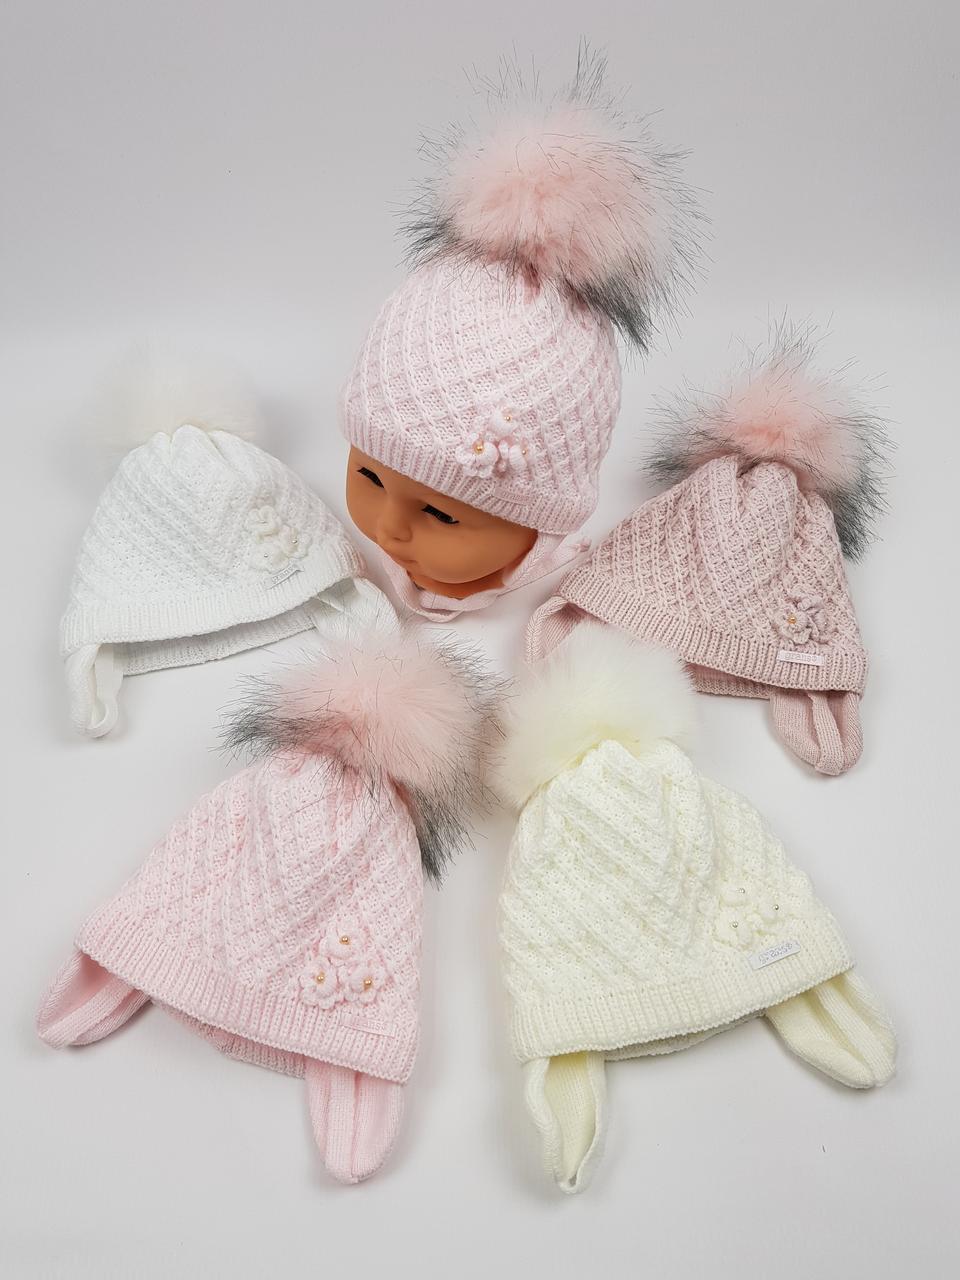 Дитячі зимові шапки на флісі з помпоном і зав'язками для дівчаток оптом, р. 36-38, Польща (Grans)